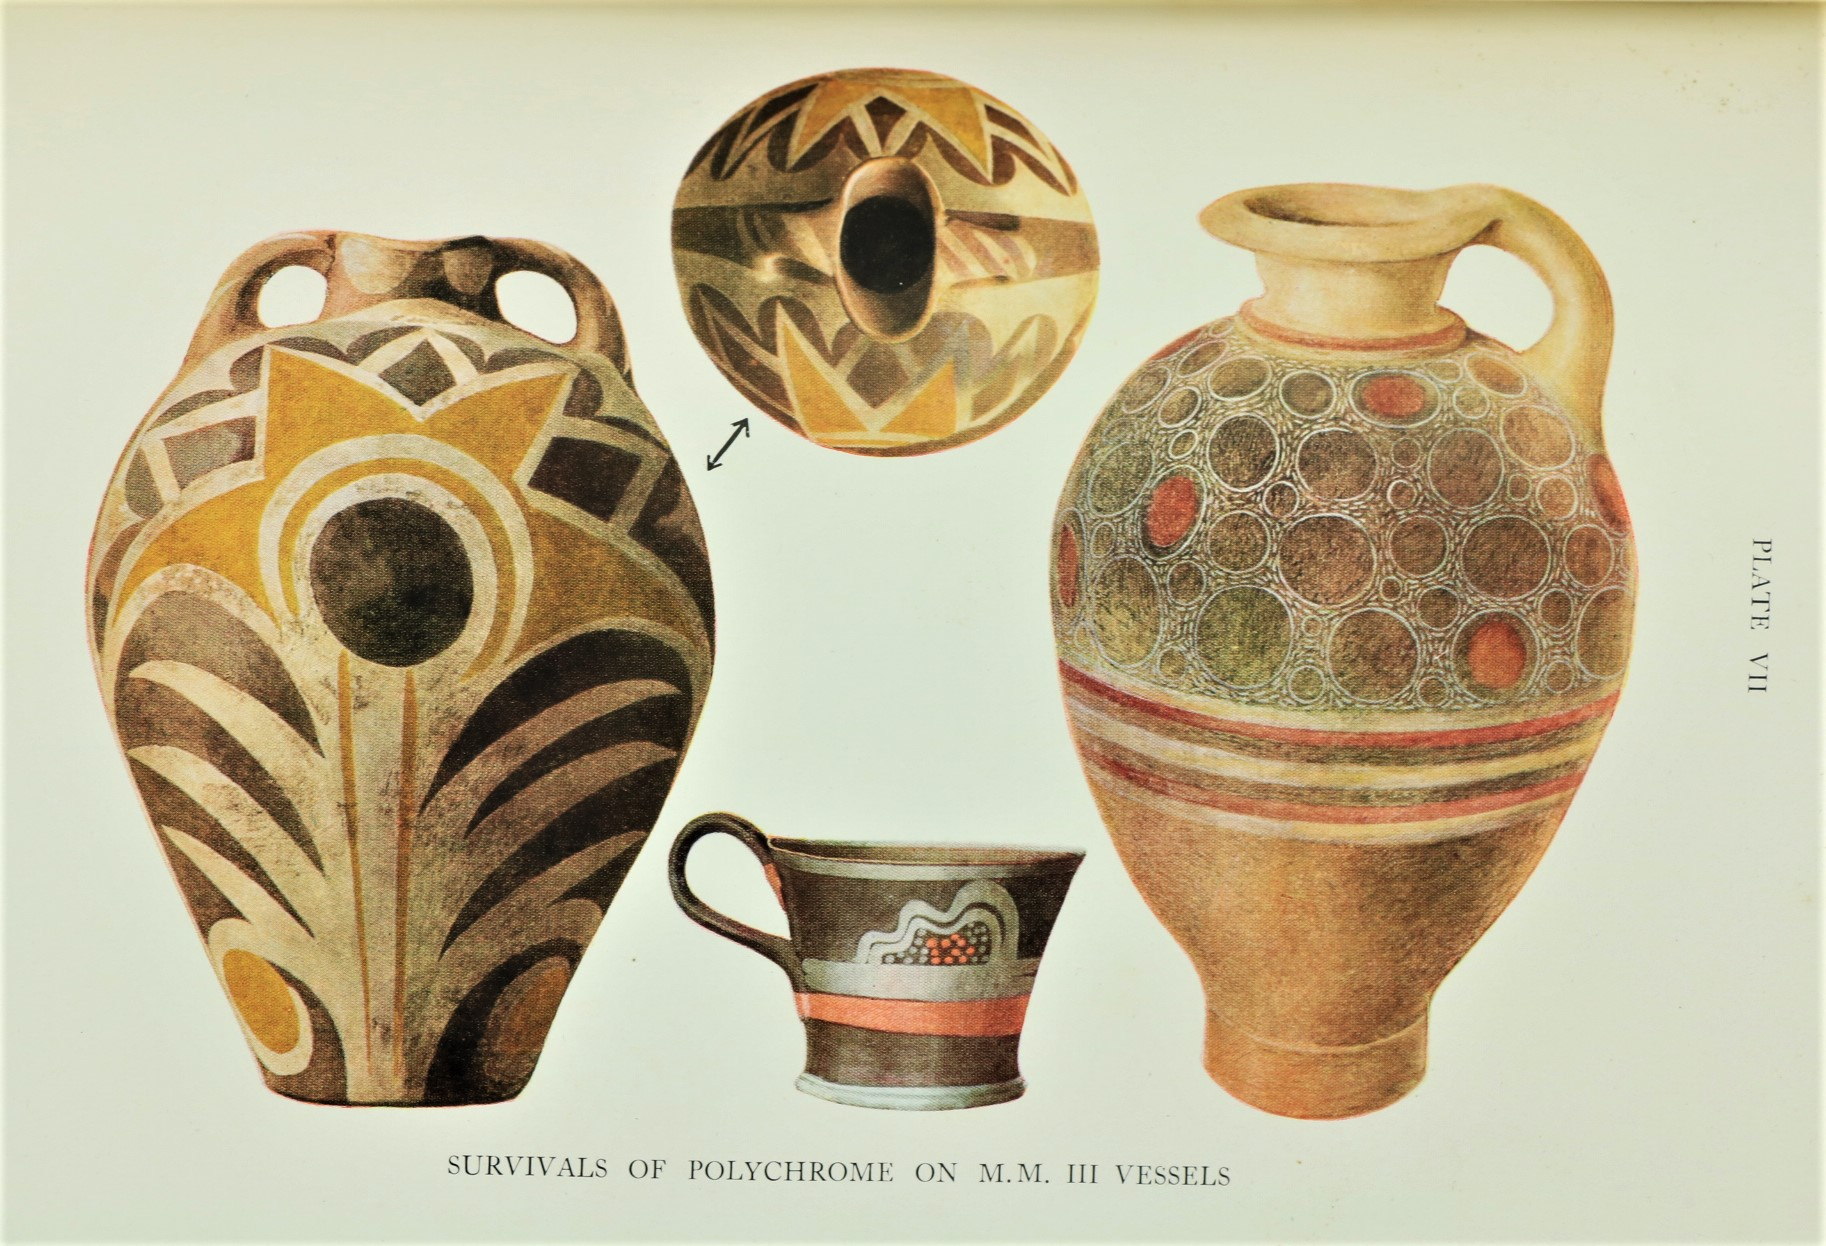 Evans (Sir Arthur)ÿThe Palaceÿof Minos,... at Knossos, Vols. 1 - 3, in 4 vols., 4to L. 1921 - 1930. - Image 4 of 4